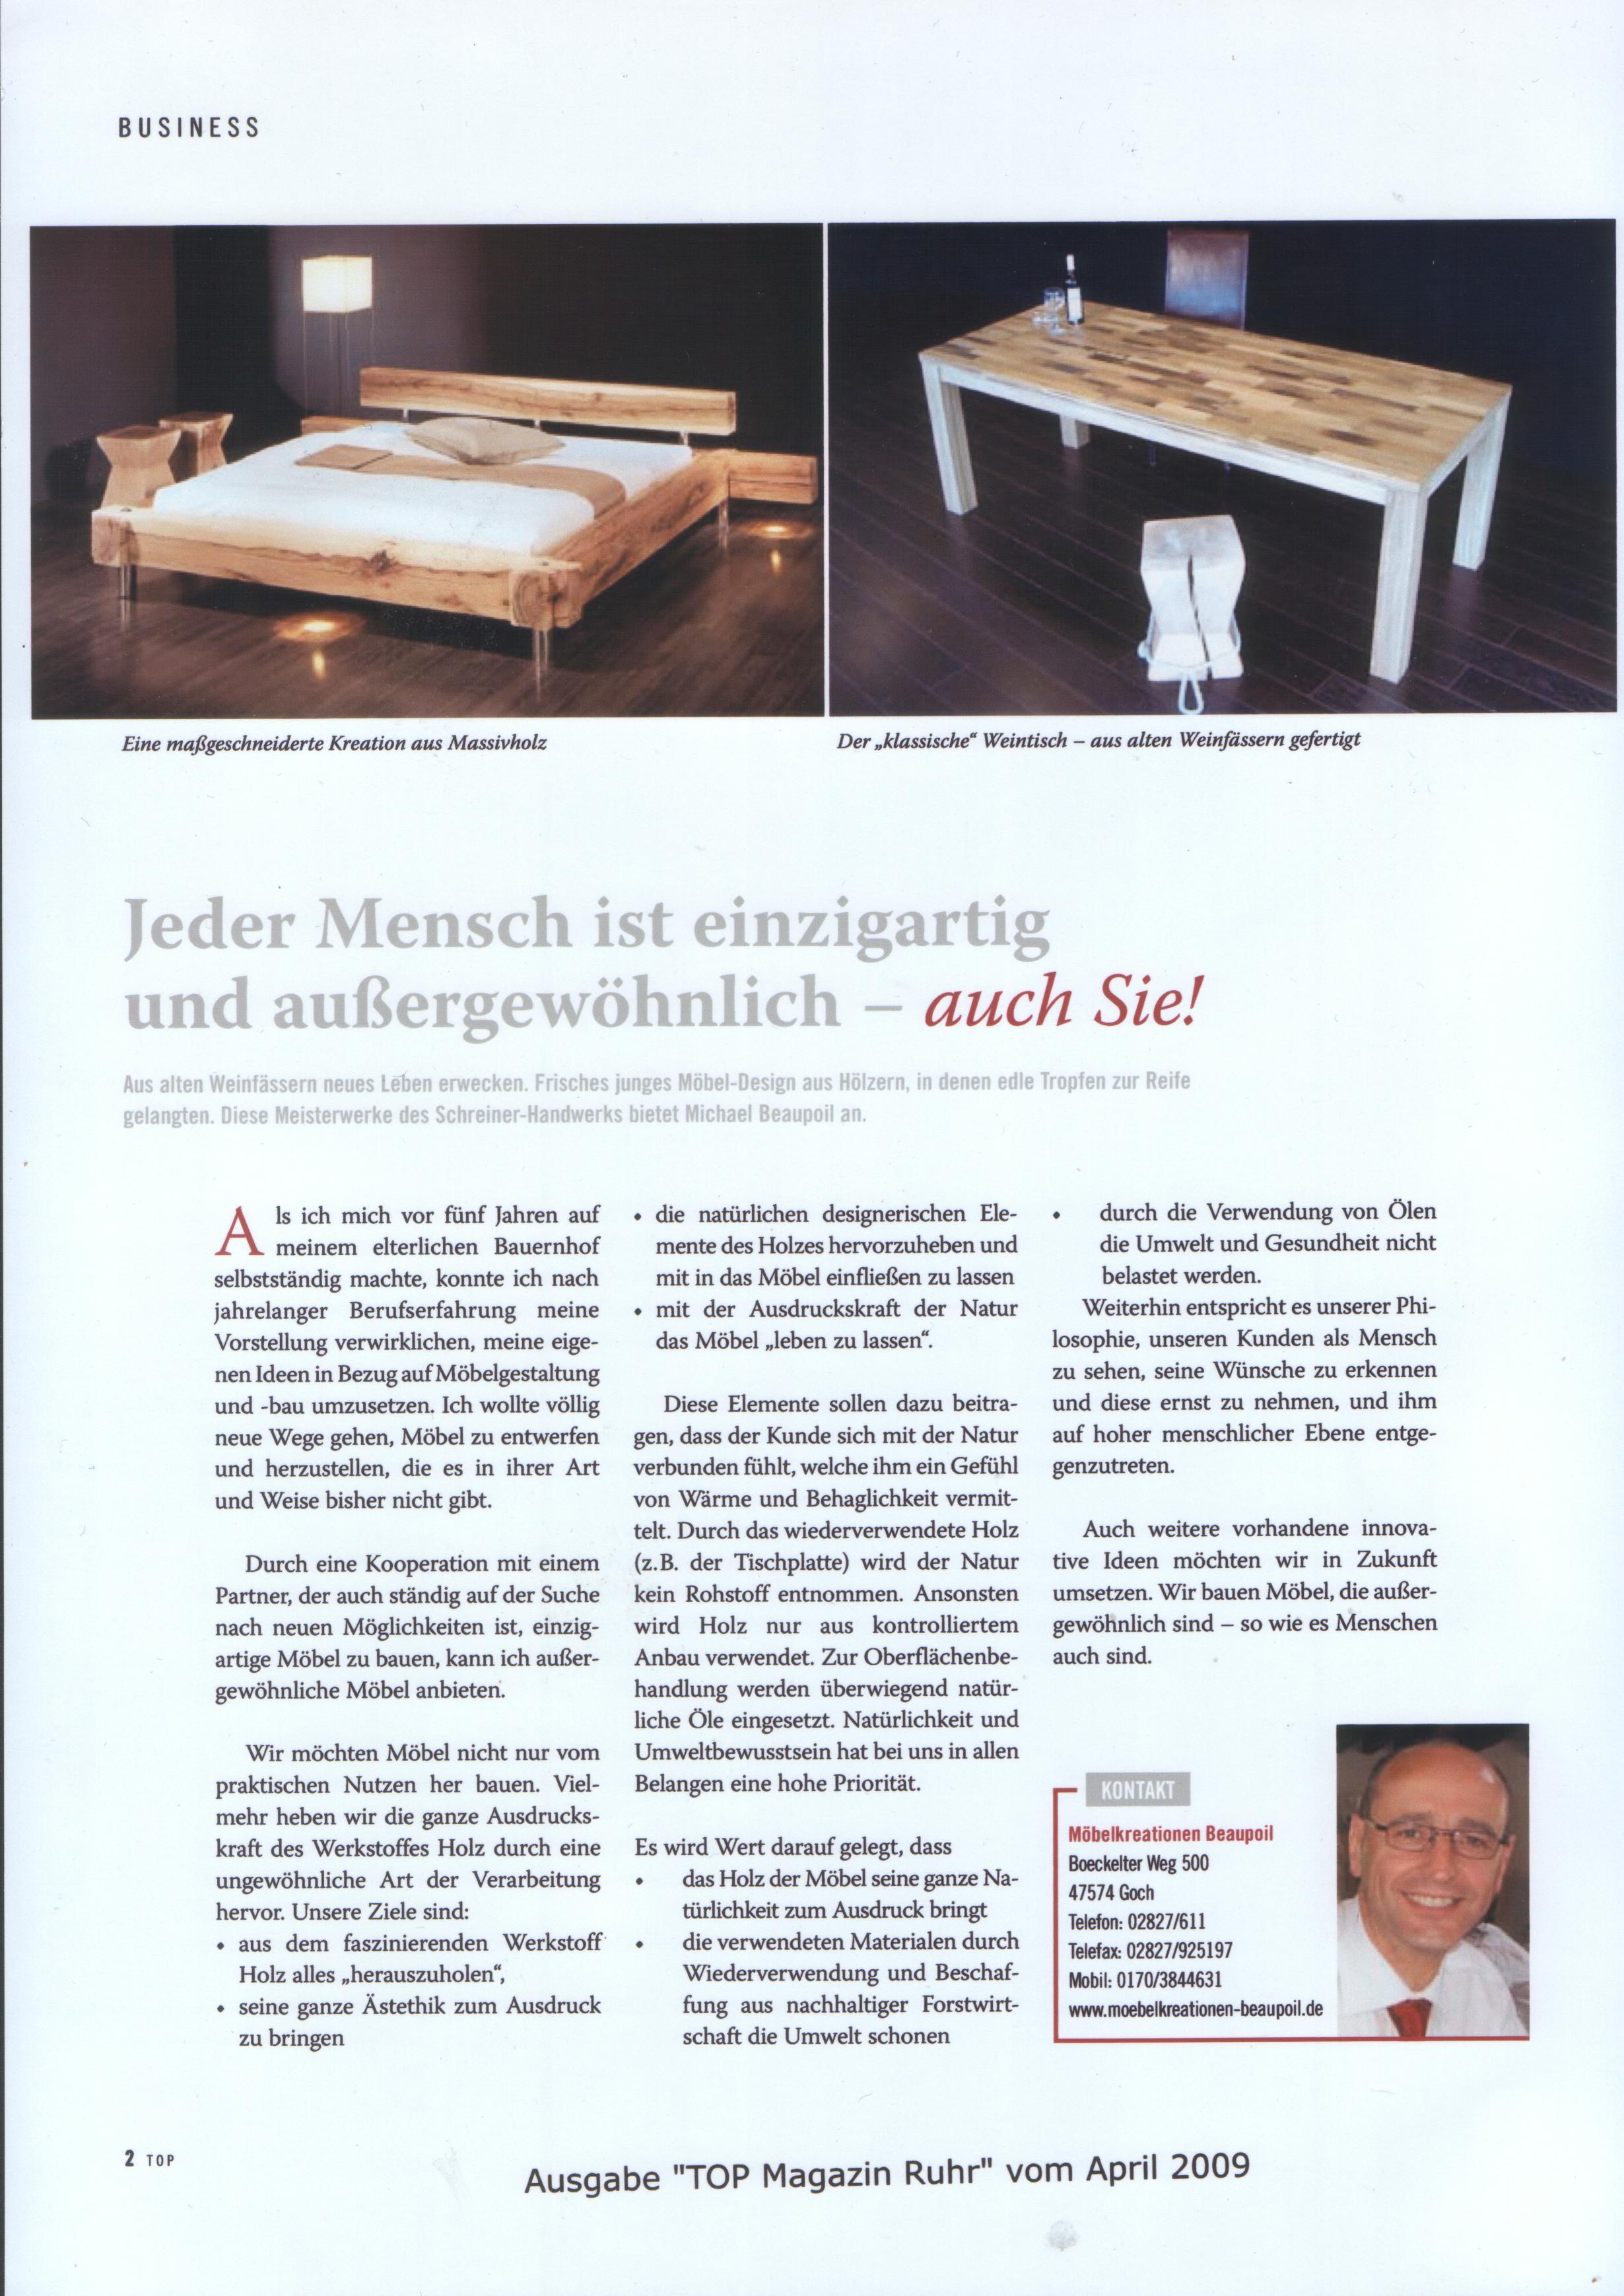 Pressebericht TOP Magazin Möbelunikate, Michael Beaupoil, außergewöhnliche Möbel einzigartige Holztische, Meisterwerke Esstische